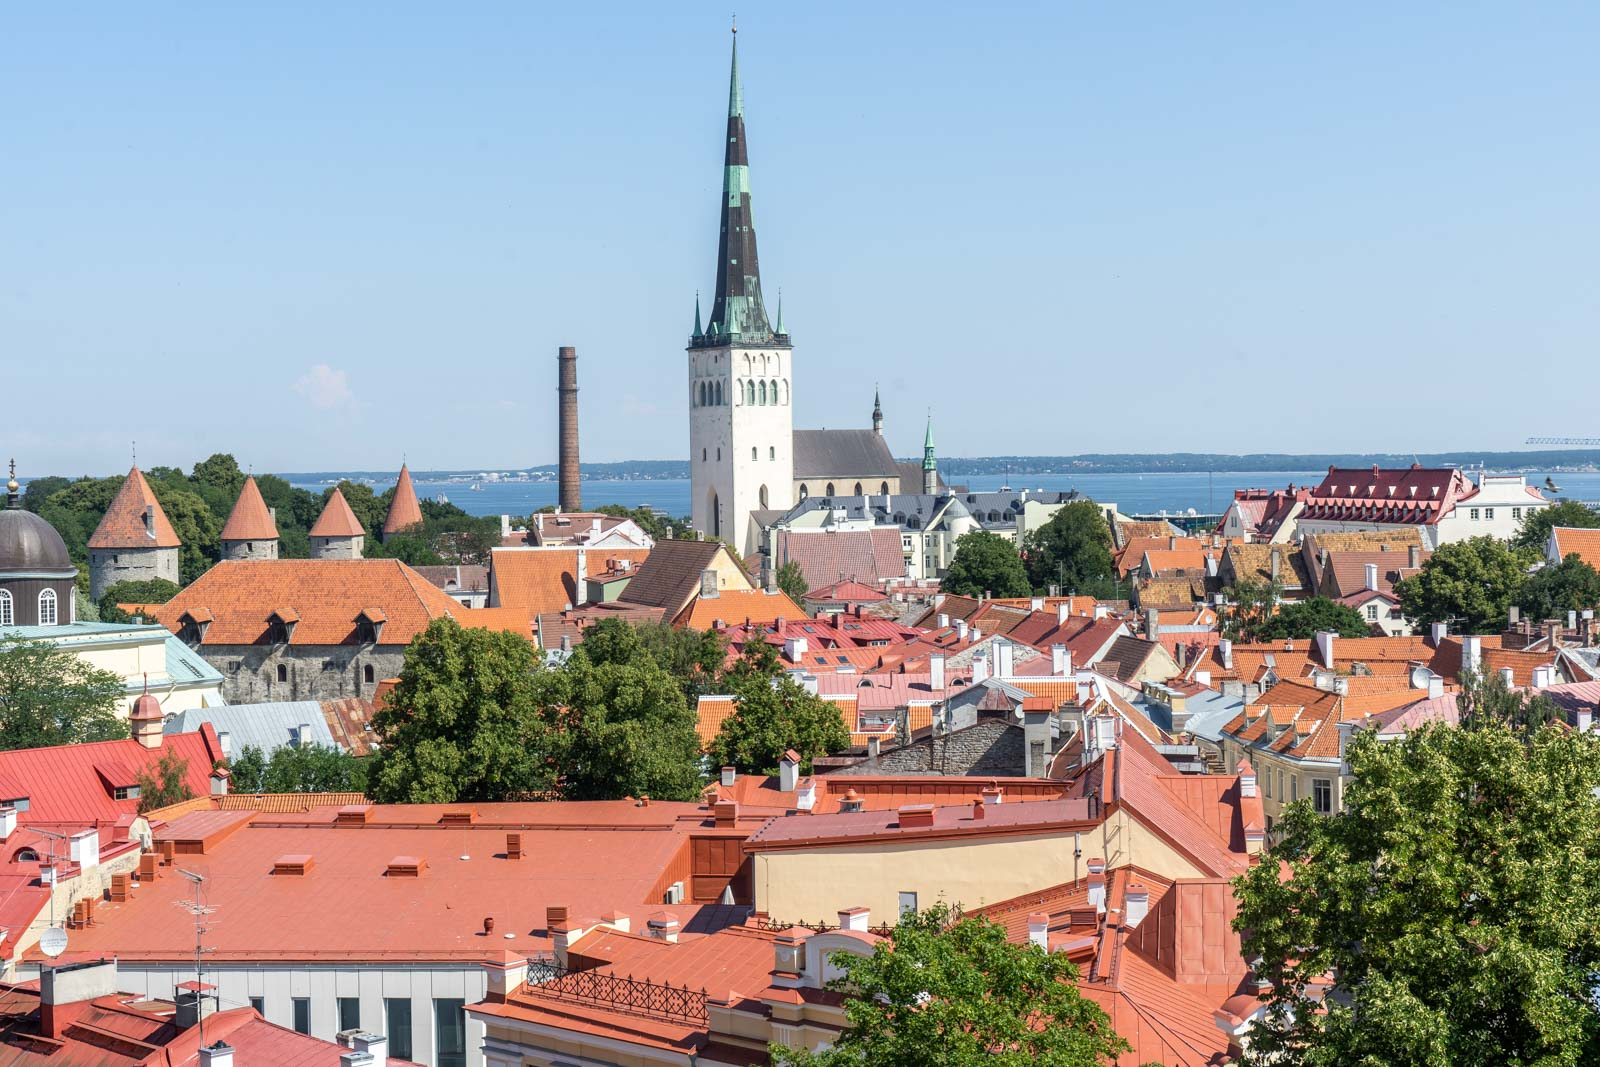 Kohtuotsa Viewing platform, Tallinn, Estonia